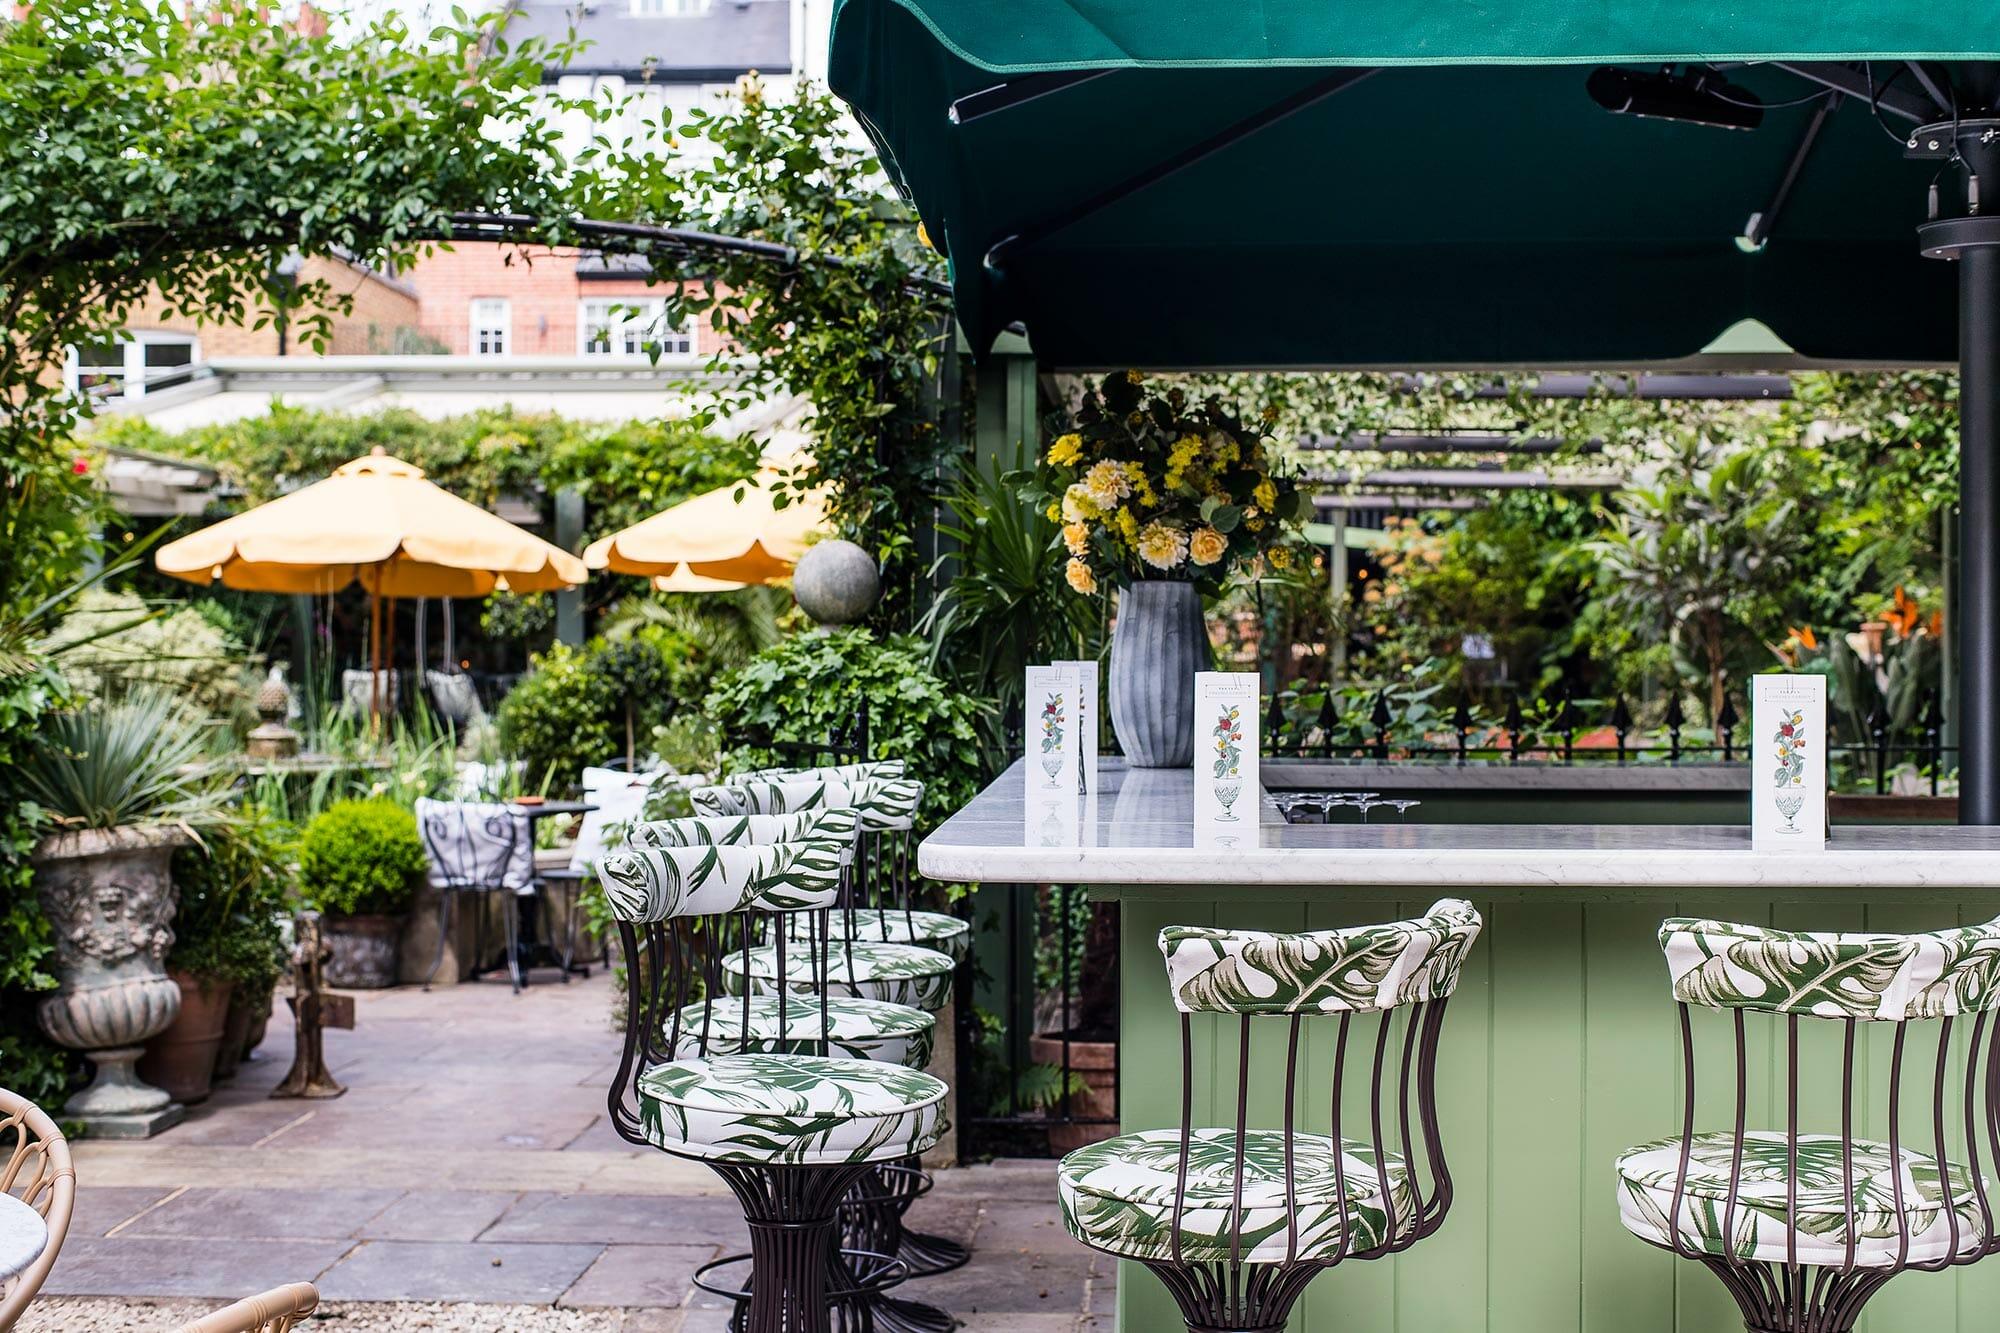 Ivy Chelsea Garden outdoor seating